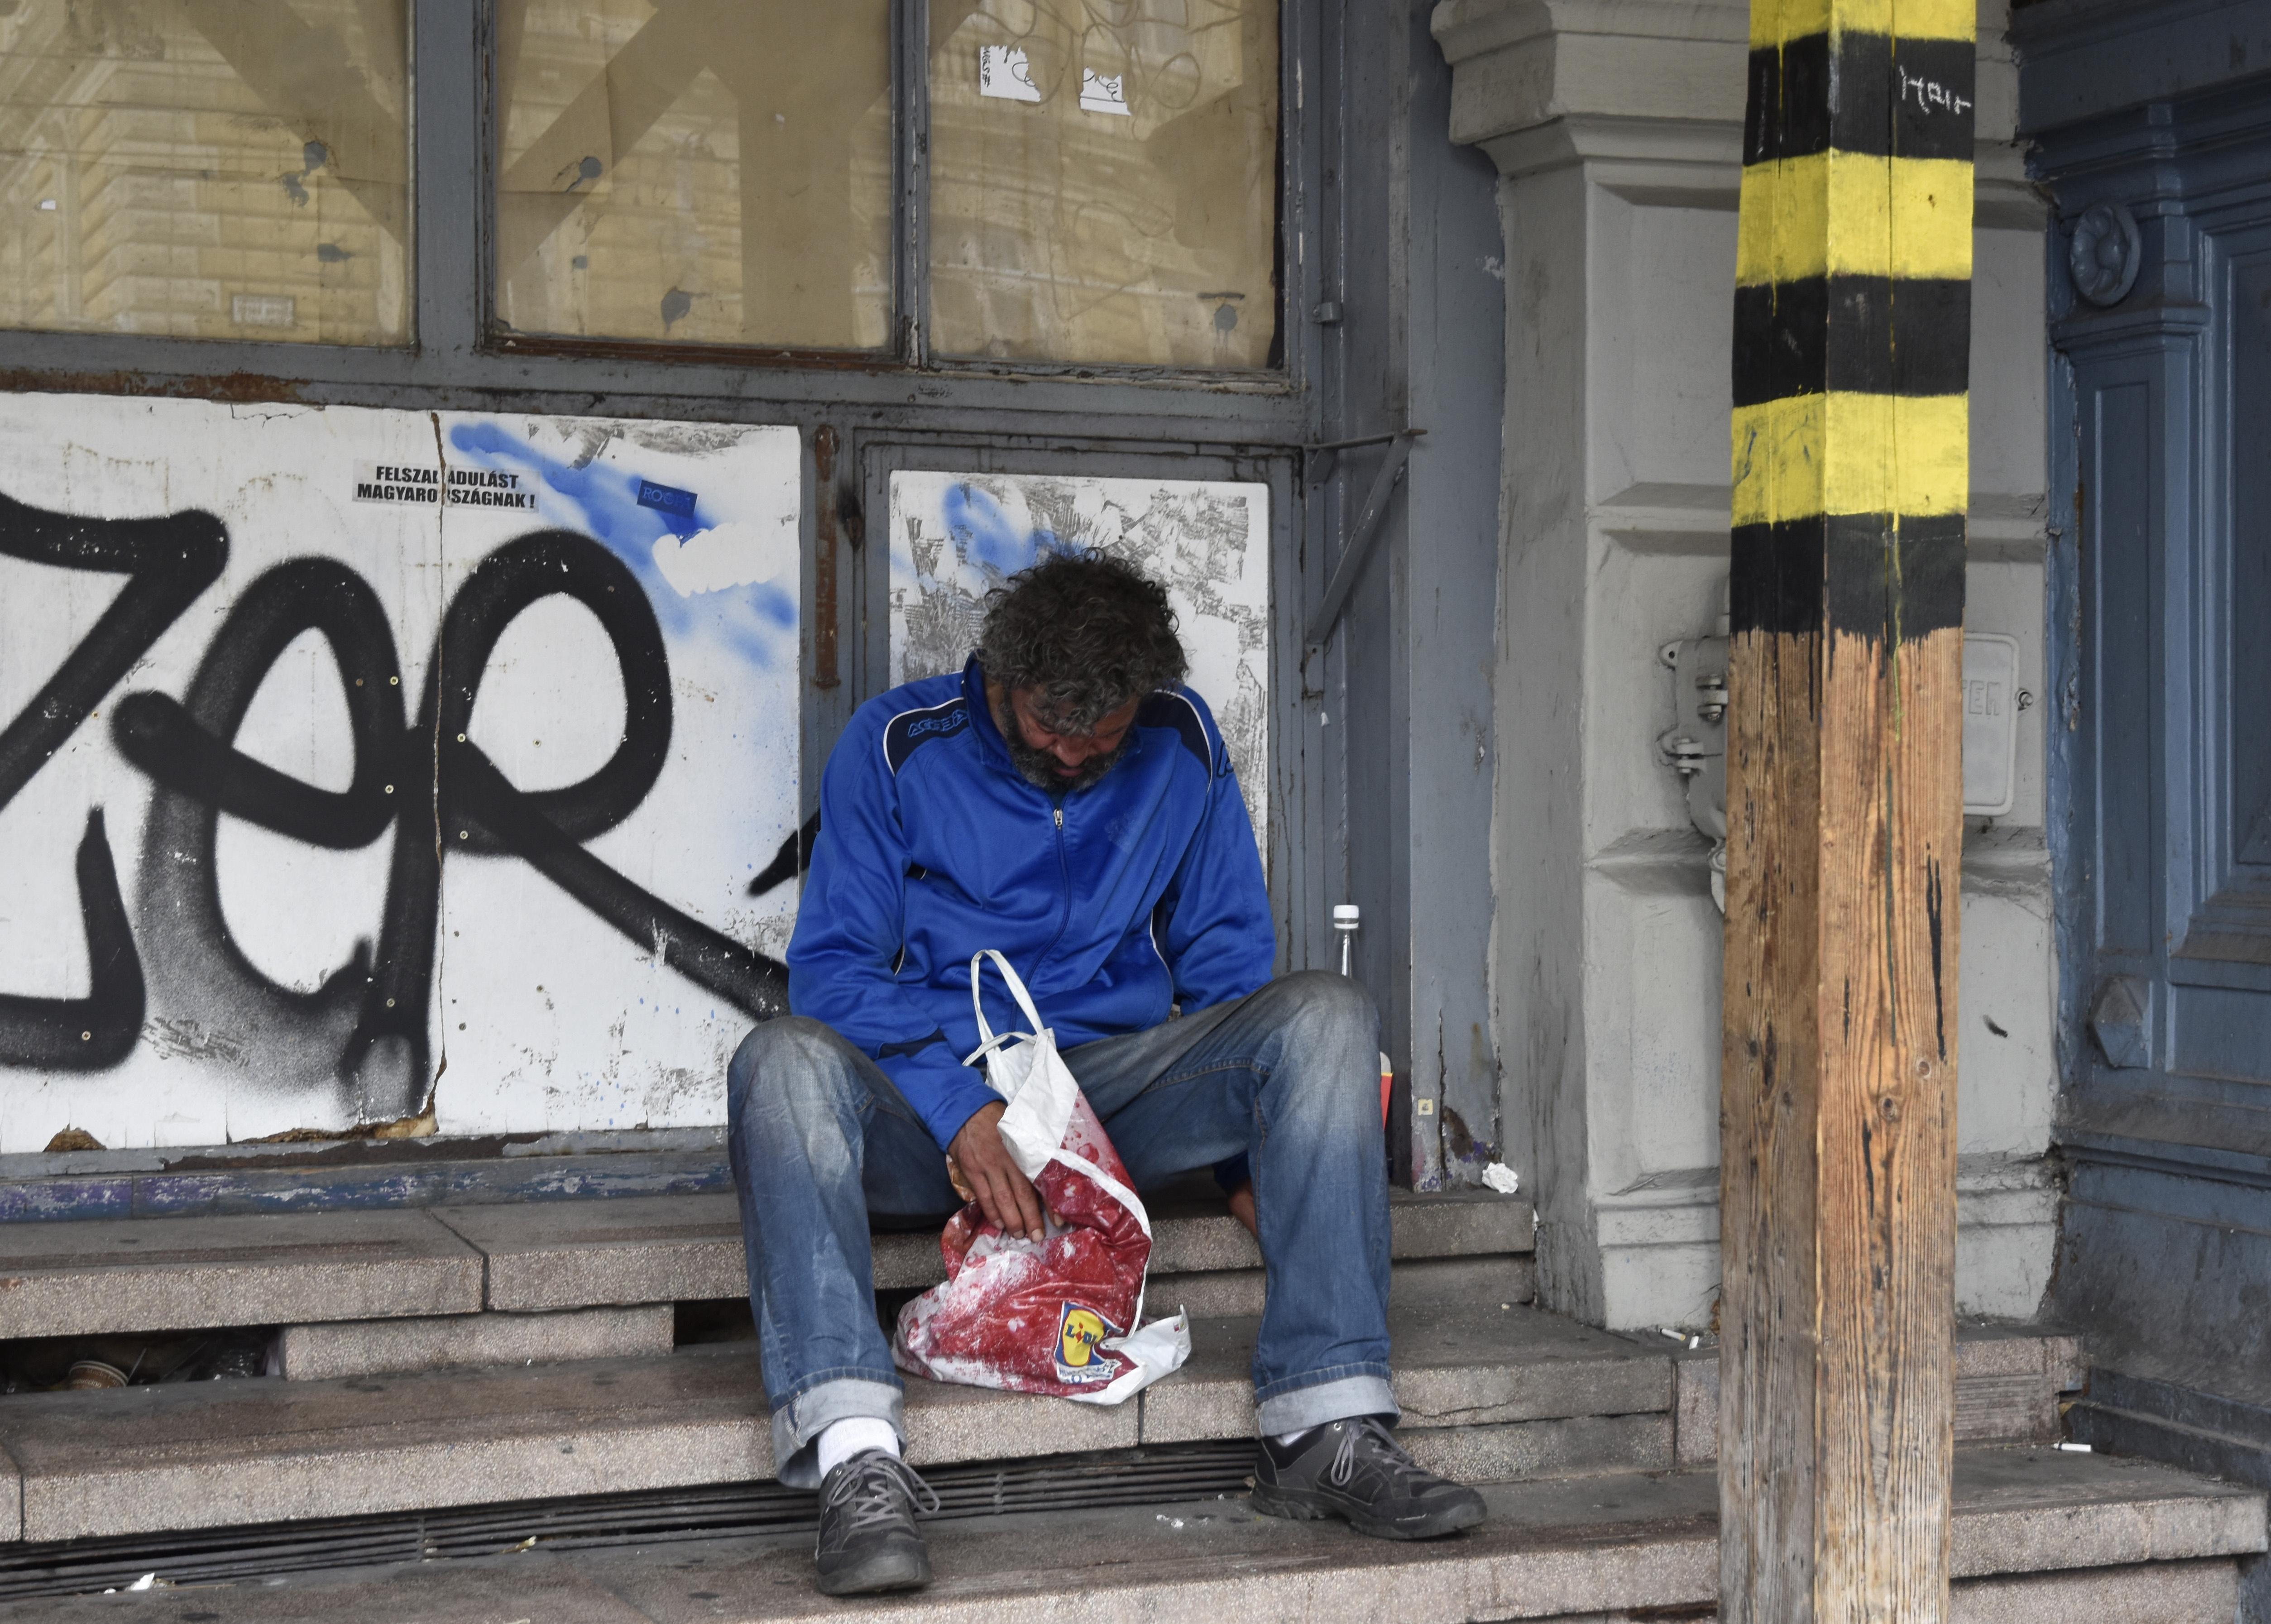 A hajléktalanoknak kevésbé egészségügyi, sokkal inkább egzisztenciális katasztrófát hozott a járvány